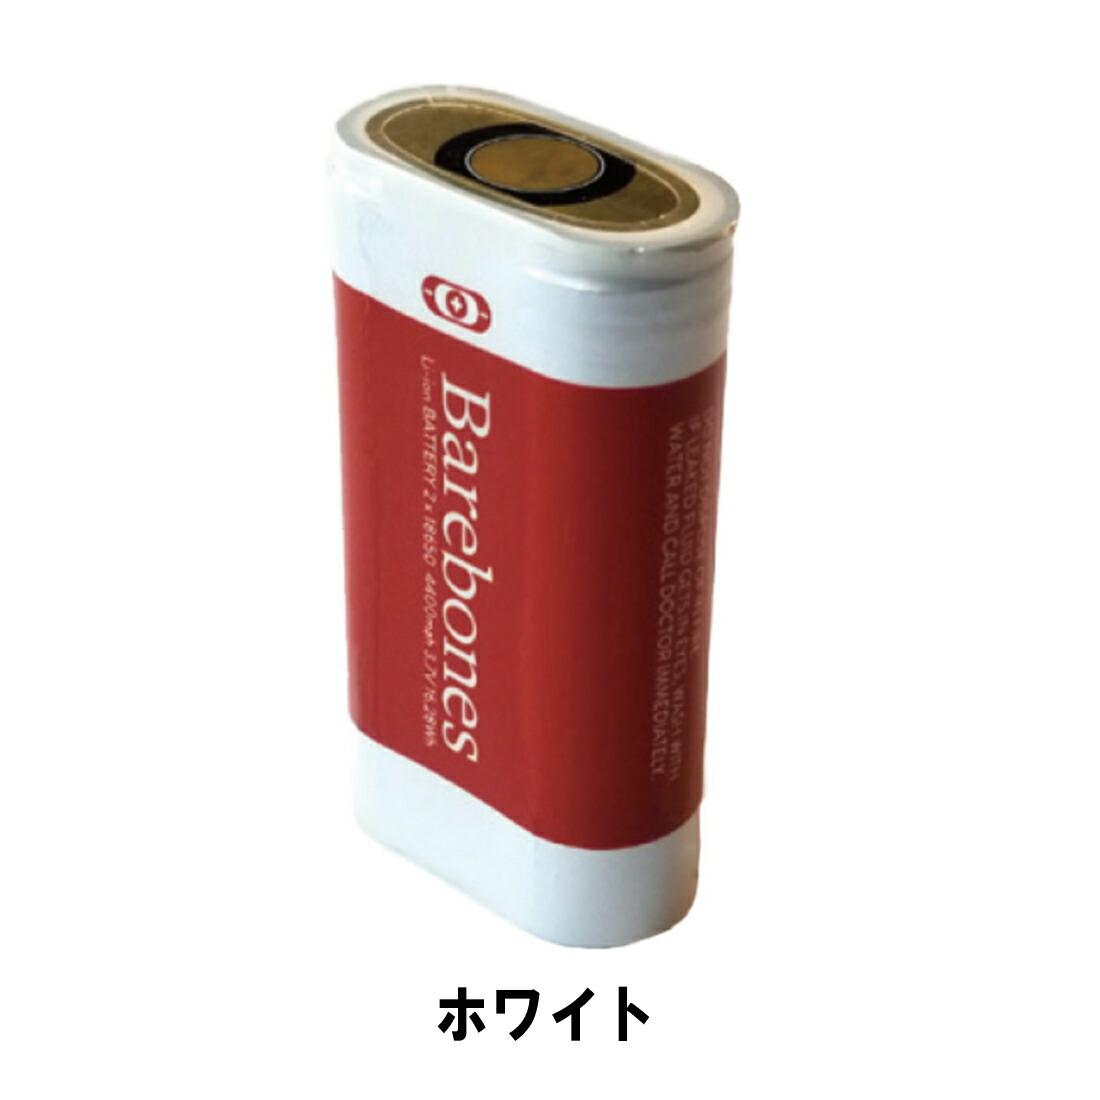 ベアボーンズ リビング 替えバッテリー フォレストランタン レイルロード用 バッテリー  国内正規品